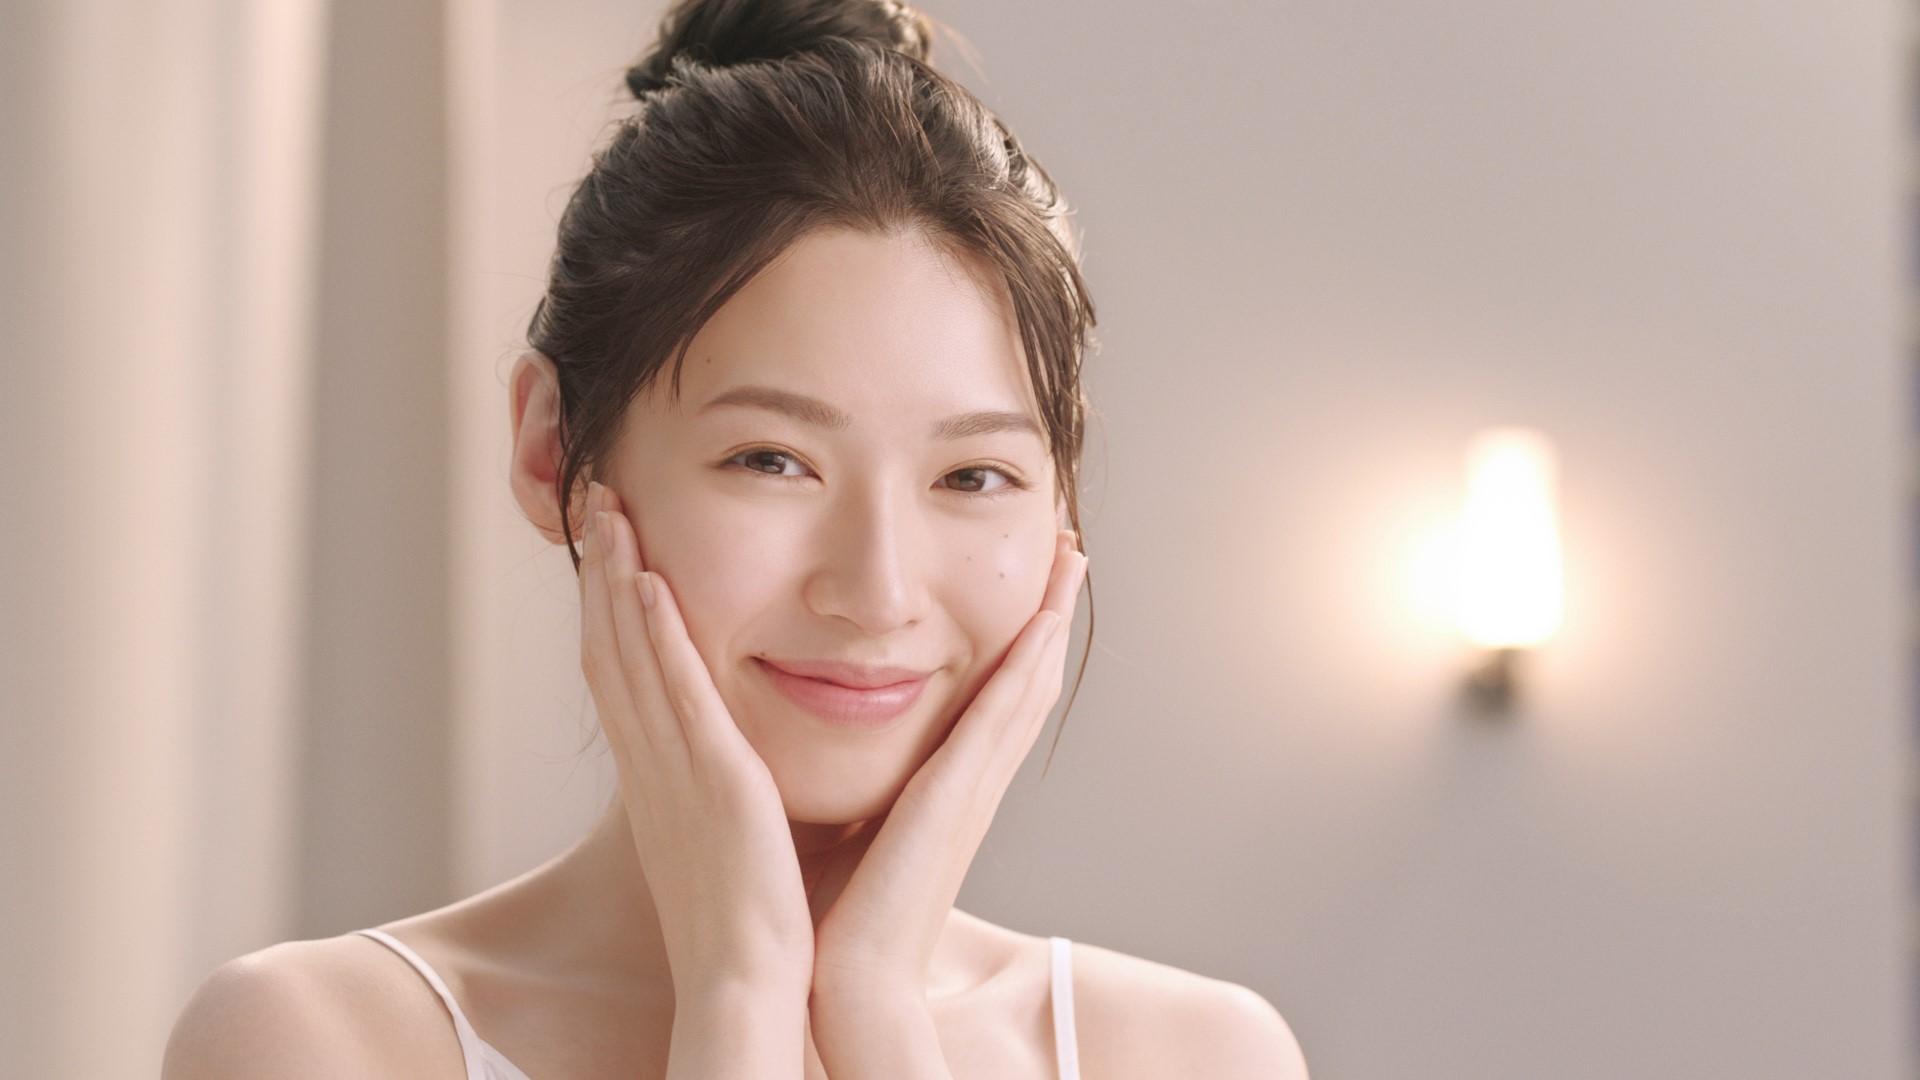 白石聖(しらいし・せい)/「キュレル ディープモイスチャースプレー」CM 女優、モデル